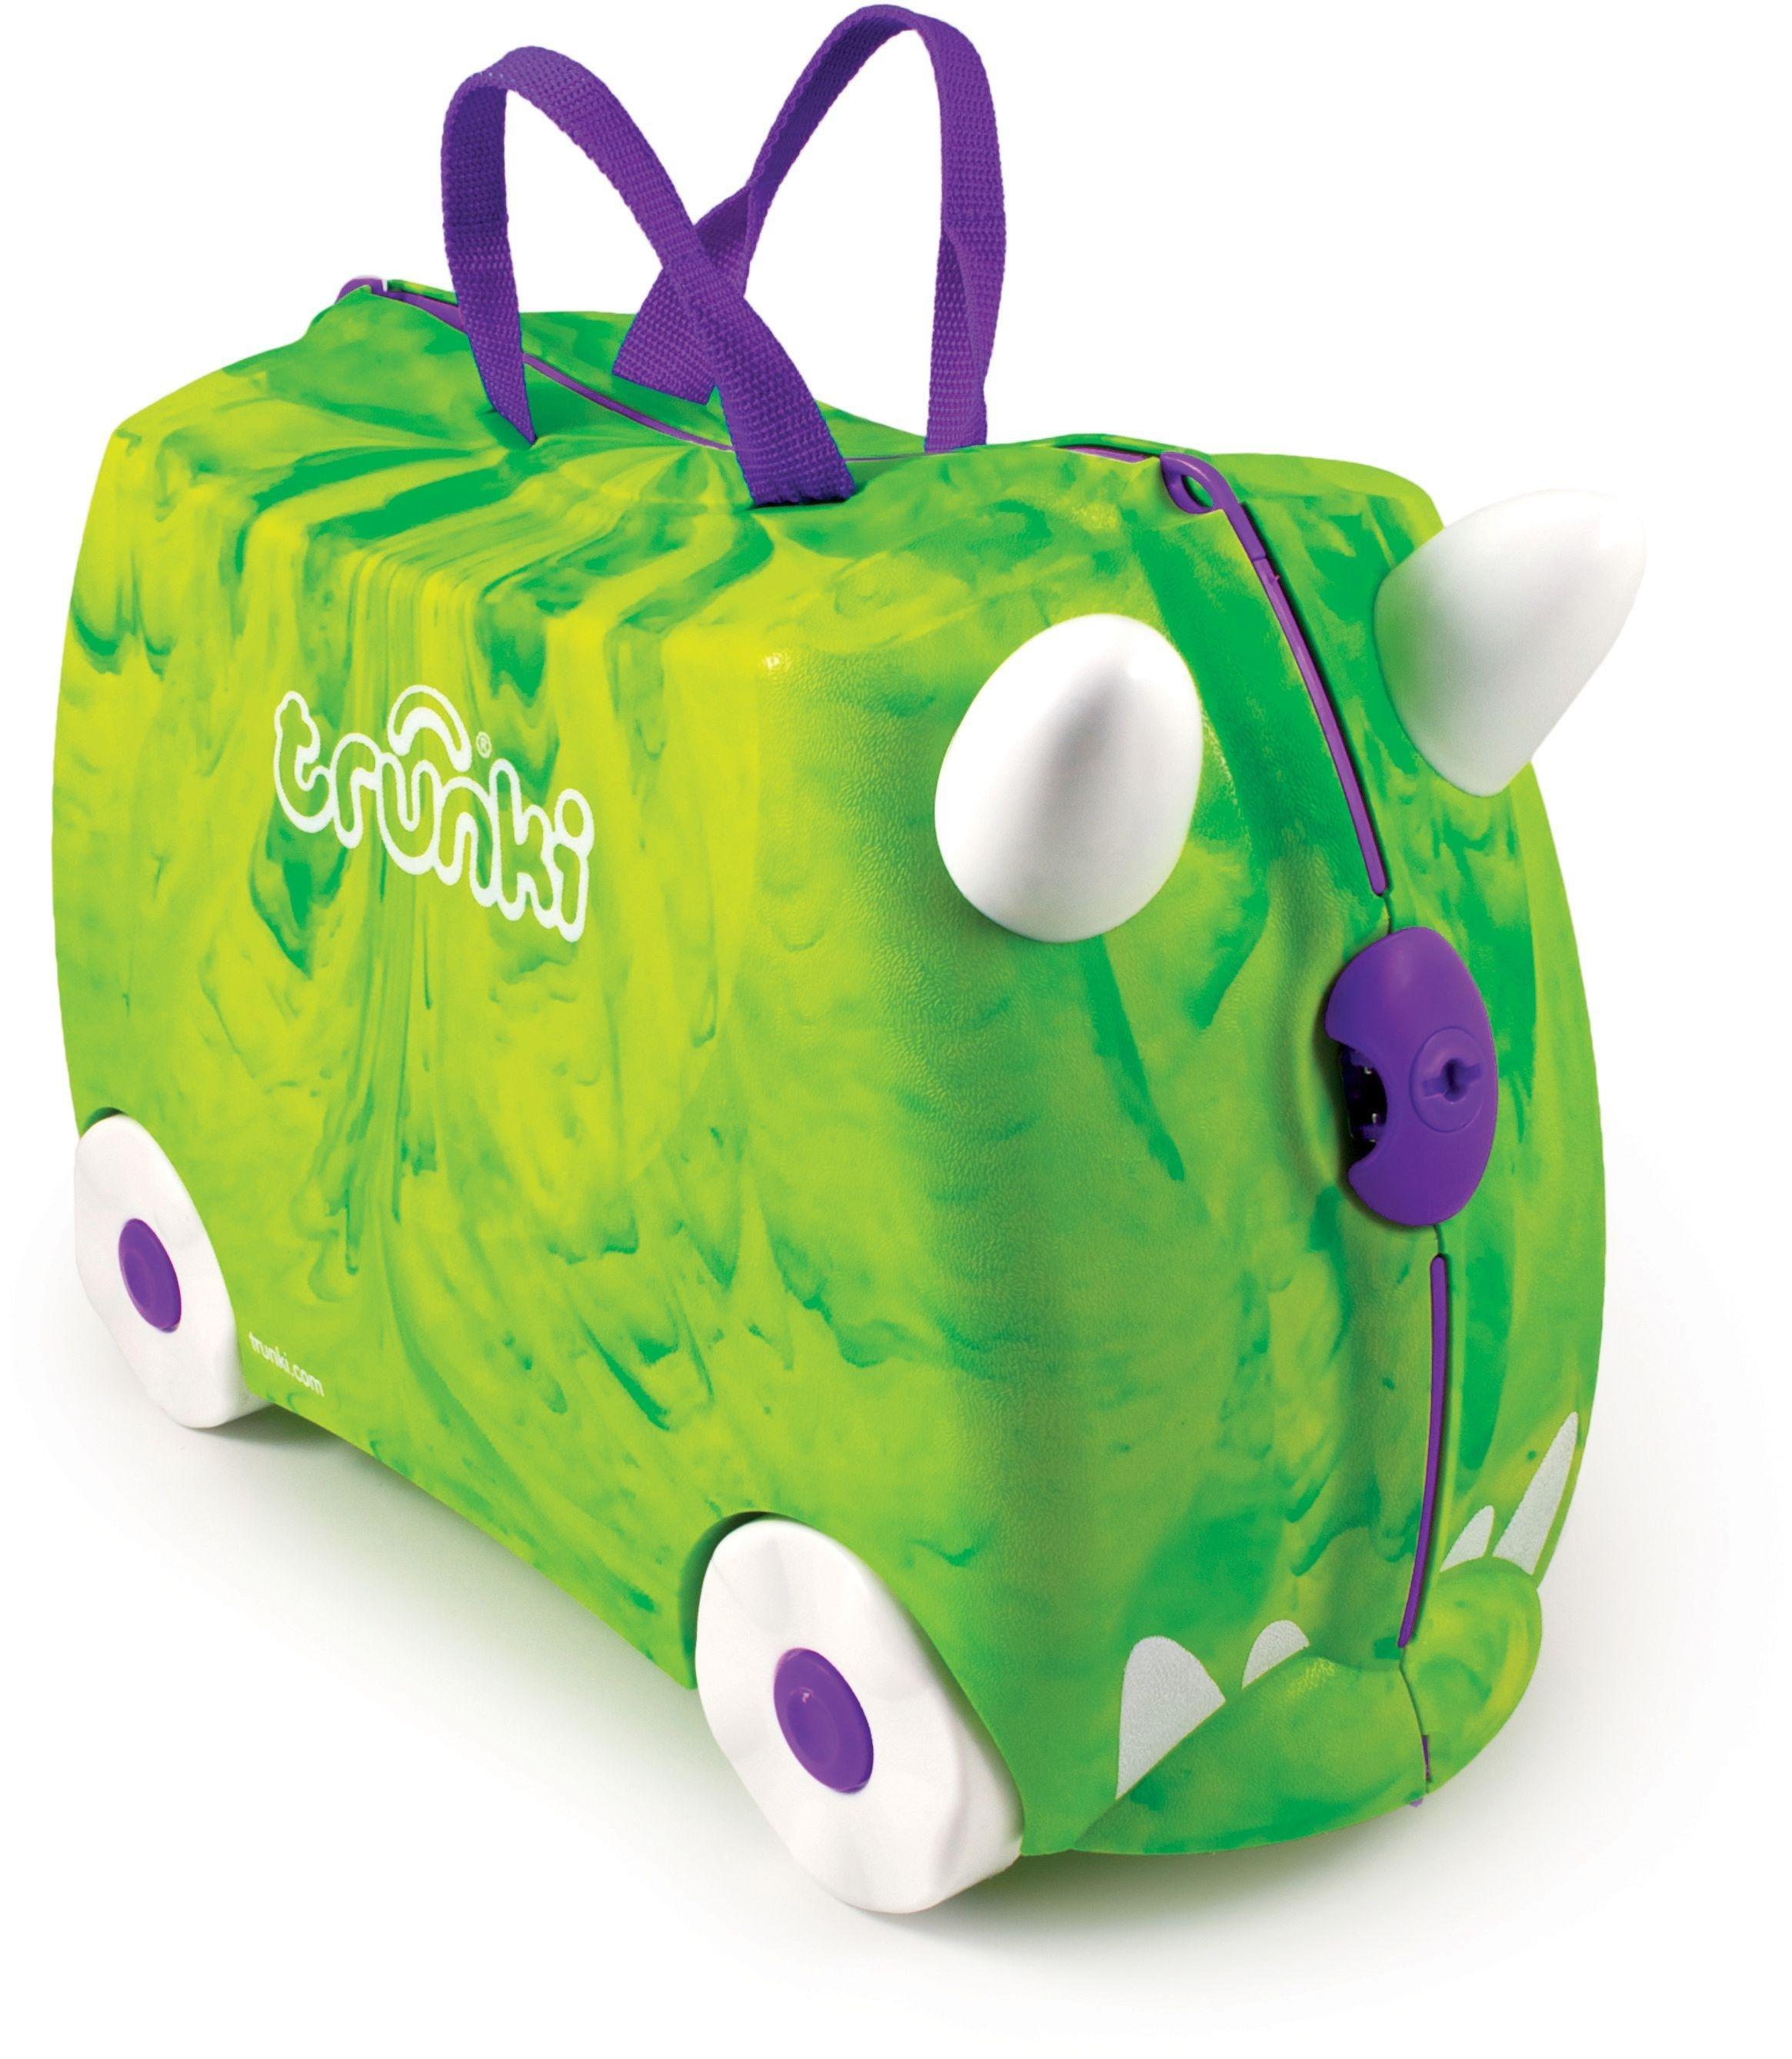 Trunki - Trunkisaurus Rex Ride-On Suitcase - Green